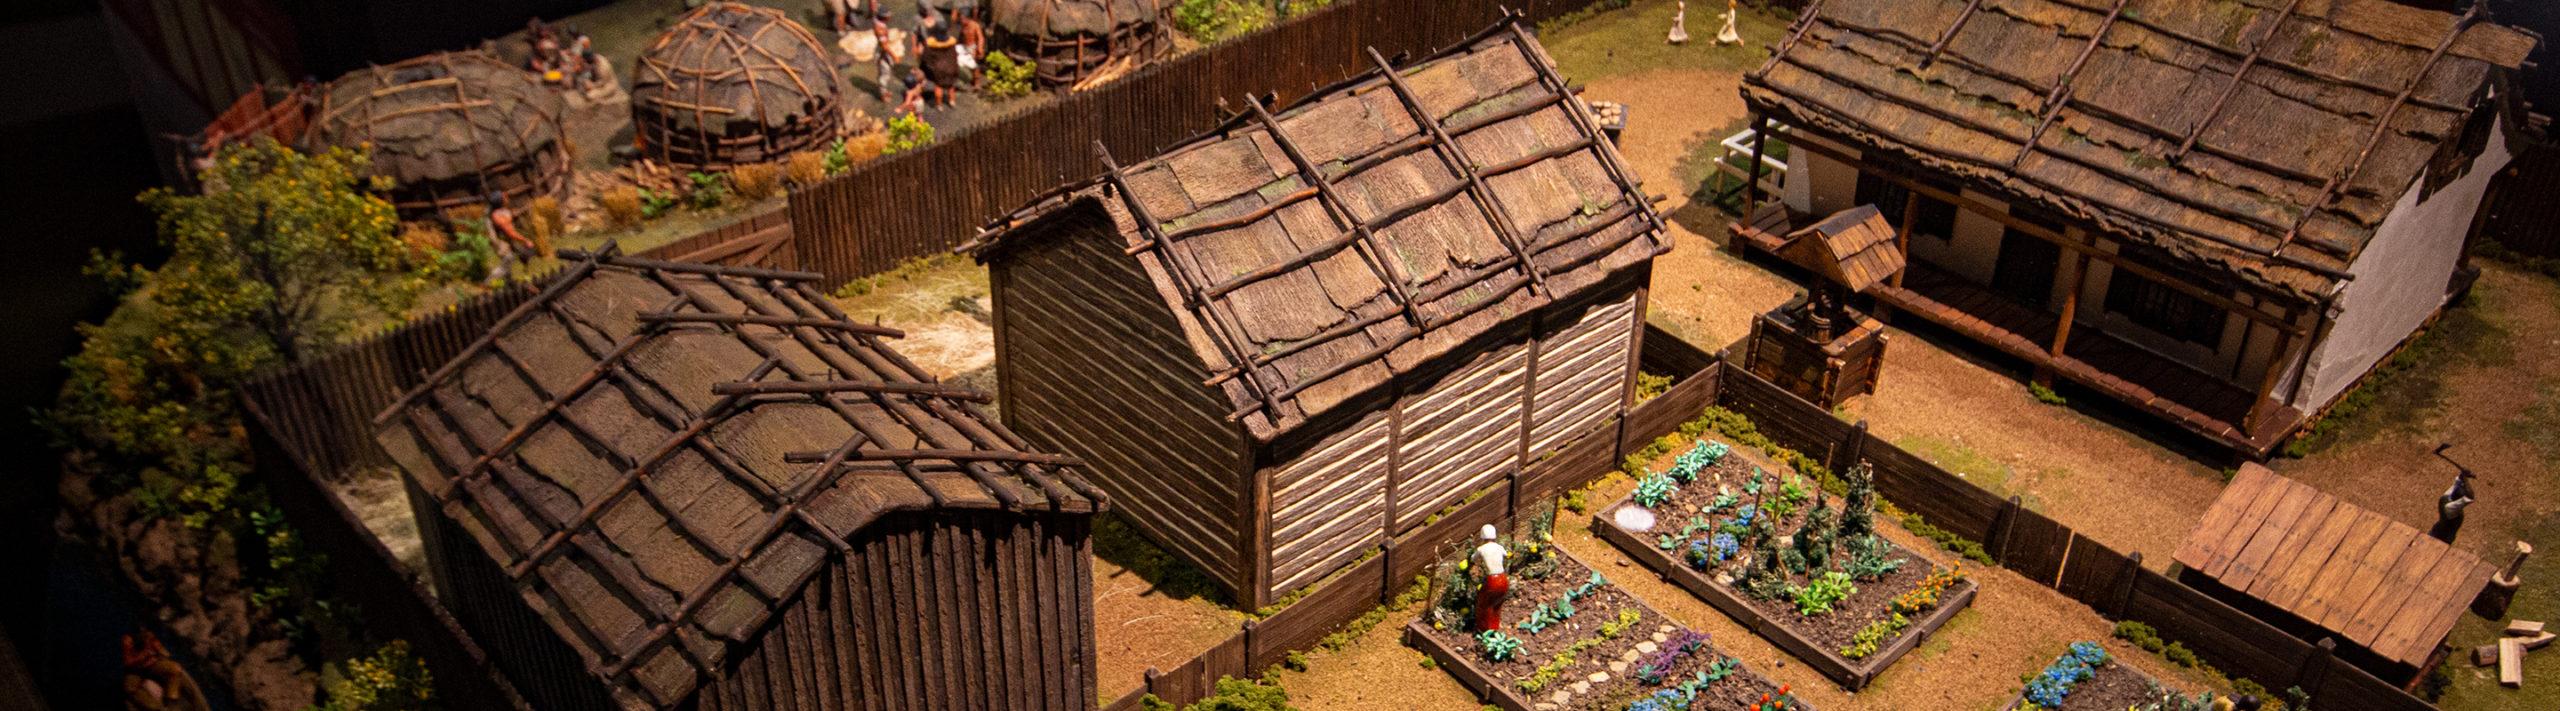 Village Diorama